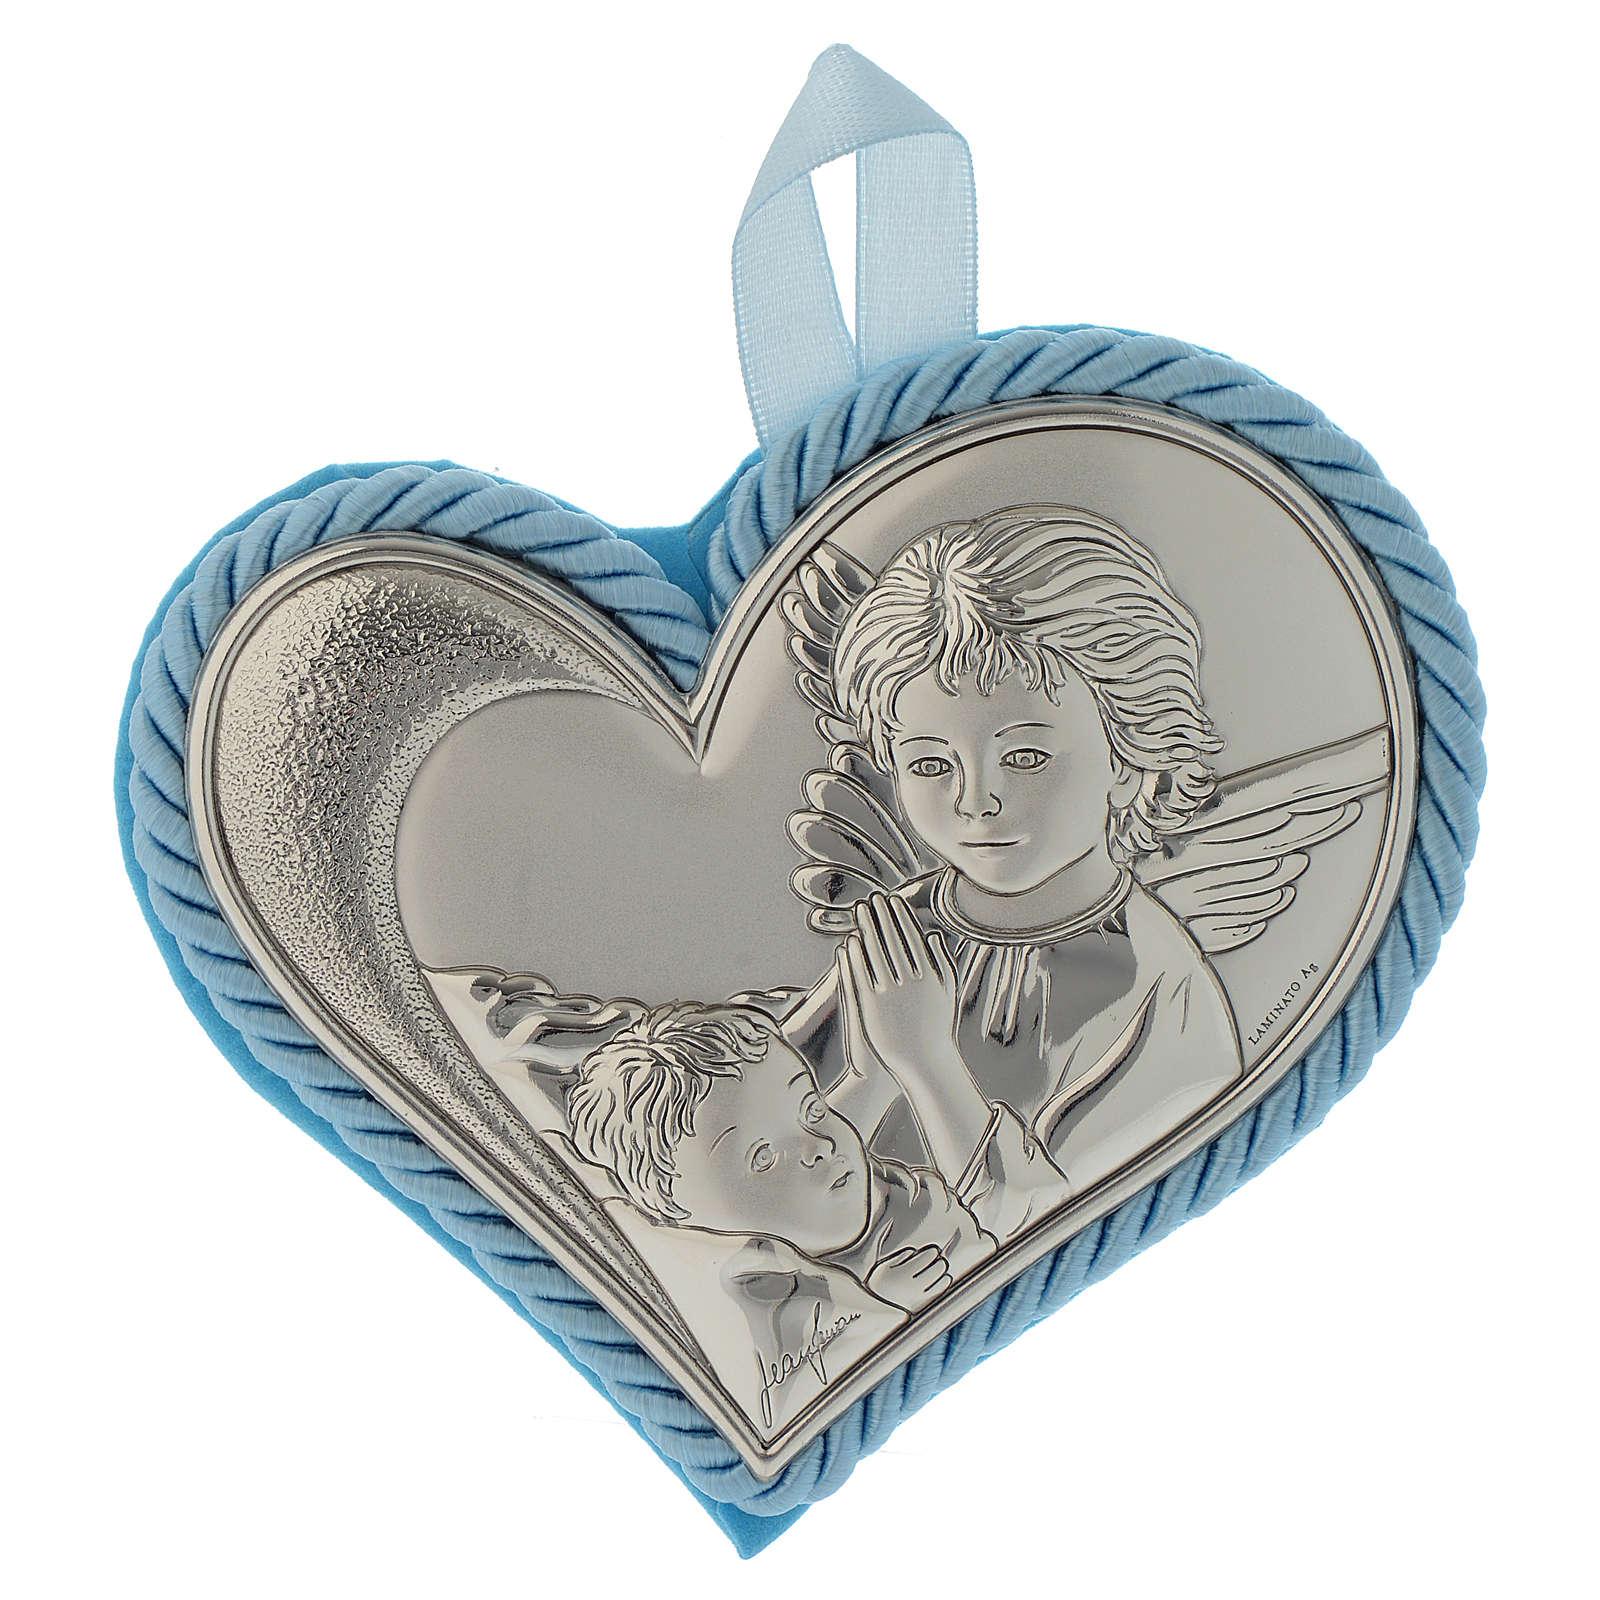 Capoculla cuore placca Argento con angelo Carillon celeste 4